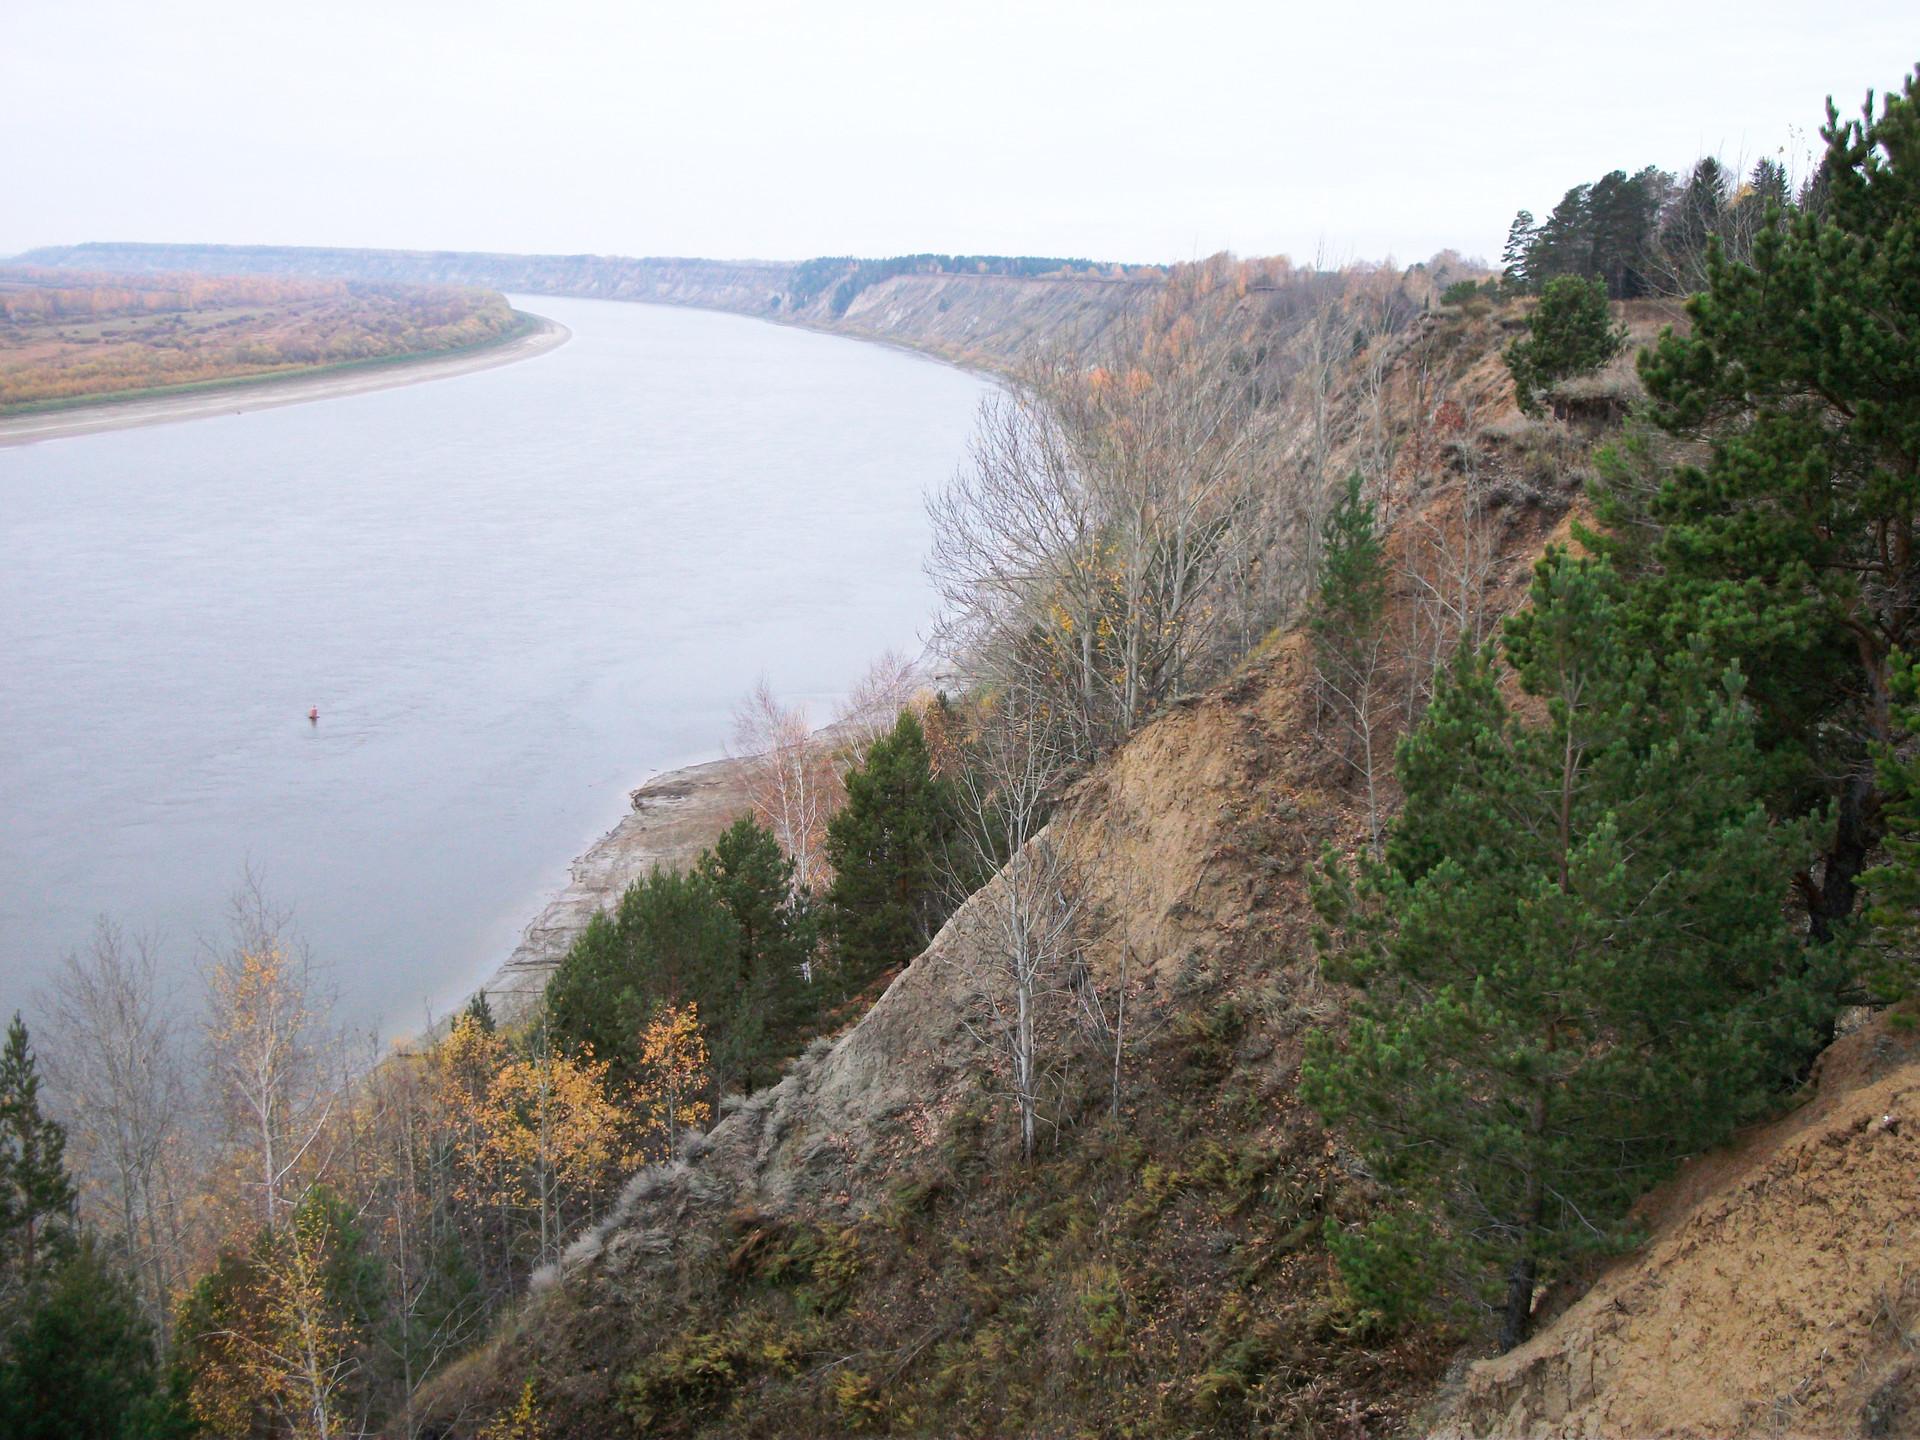 Der Hügel, auf dem einst Kaschlyk (oder Sibir), die Hauptstadt des Khanats, stand. Region Tjumen